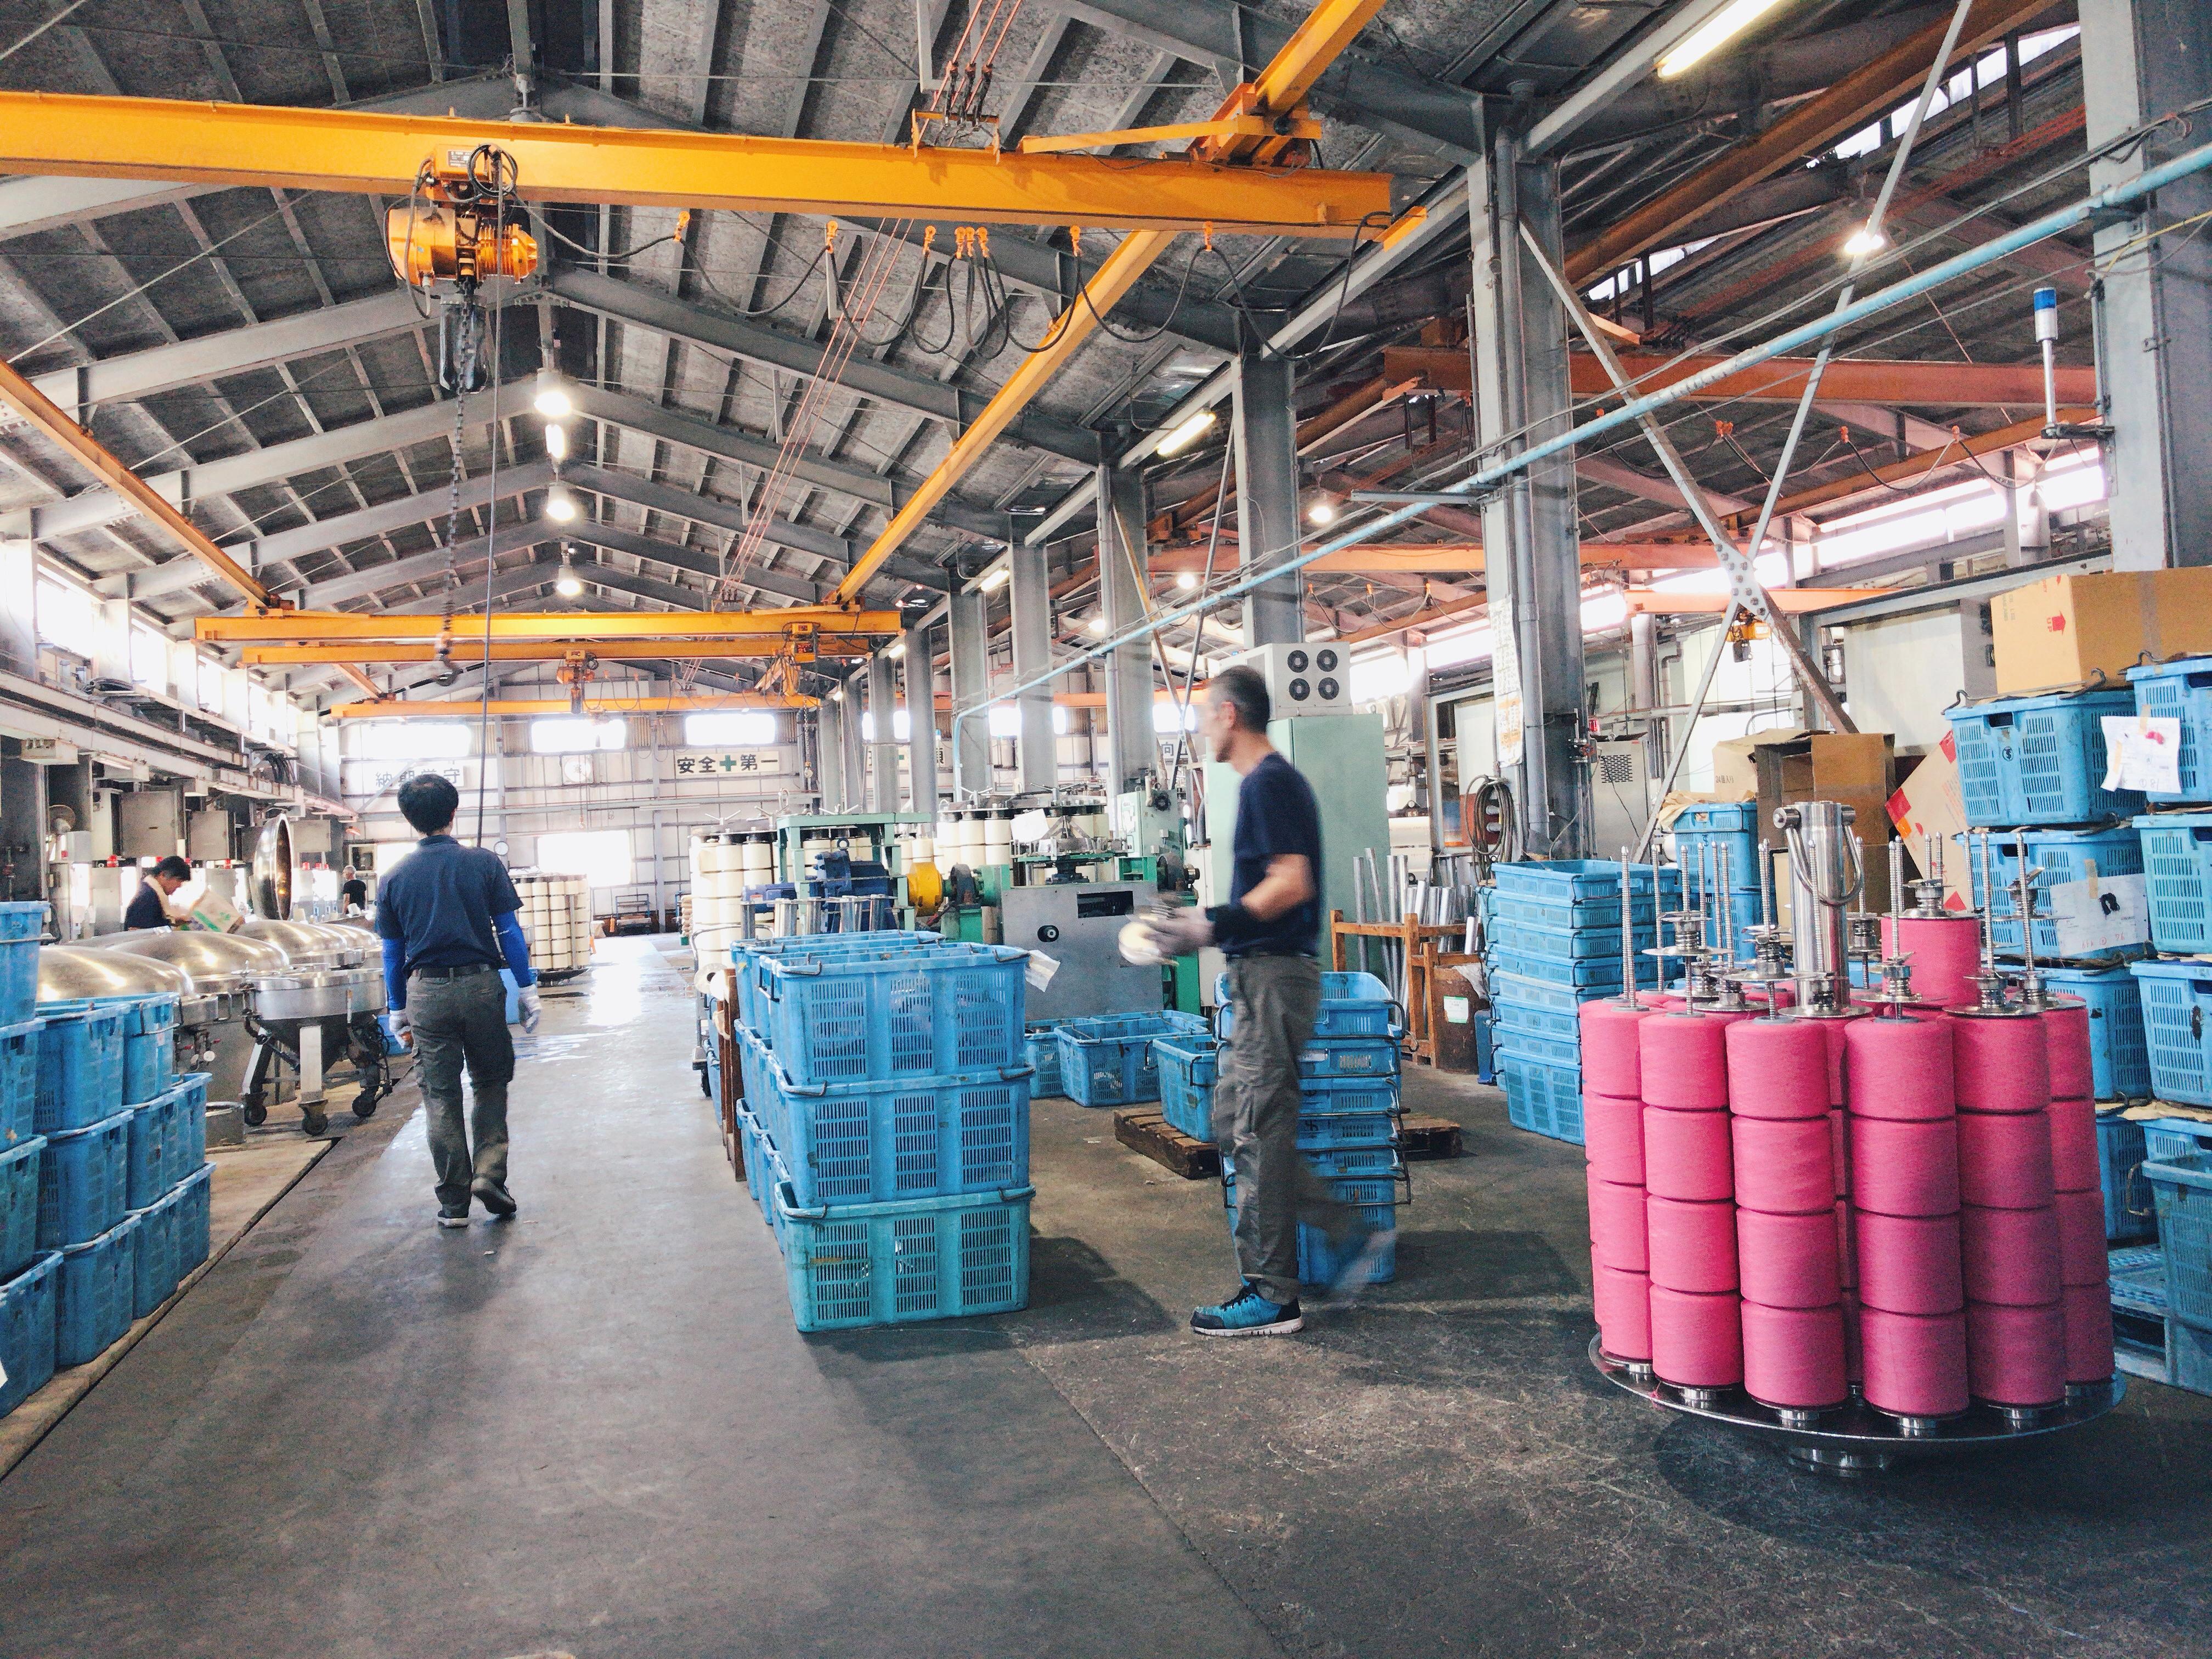 播州織製造工程の様子。先染めされた鮮やかな色の糸が映る。